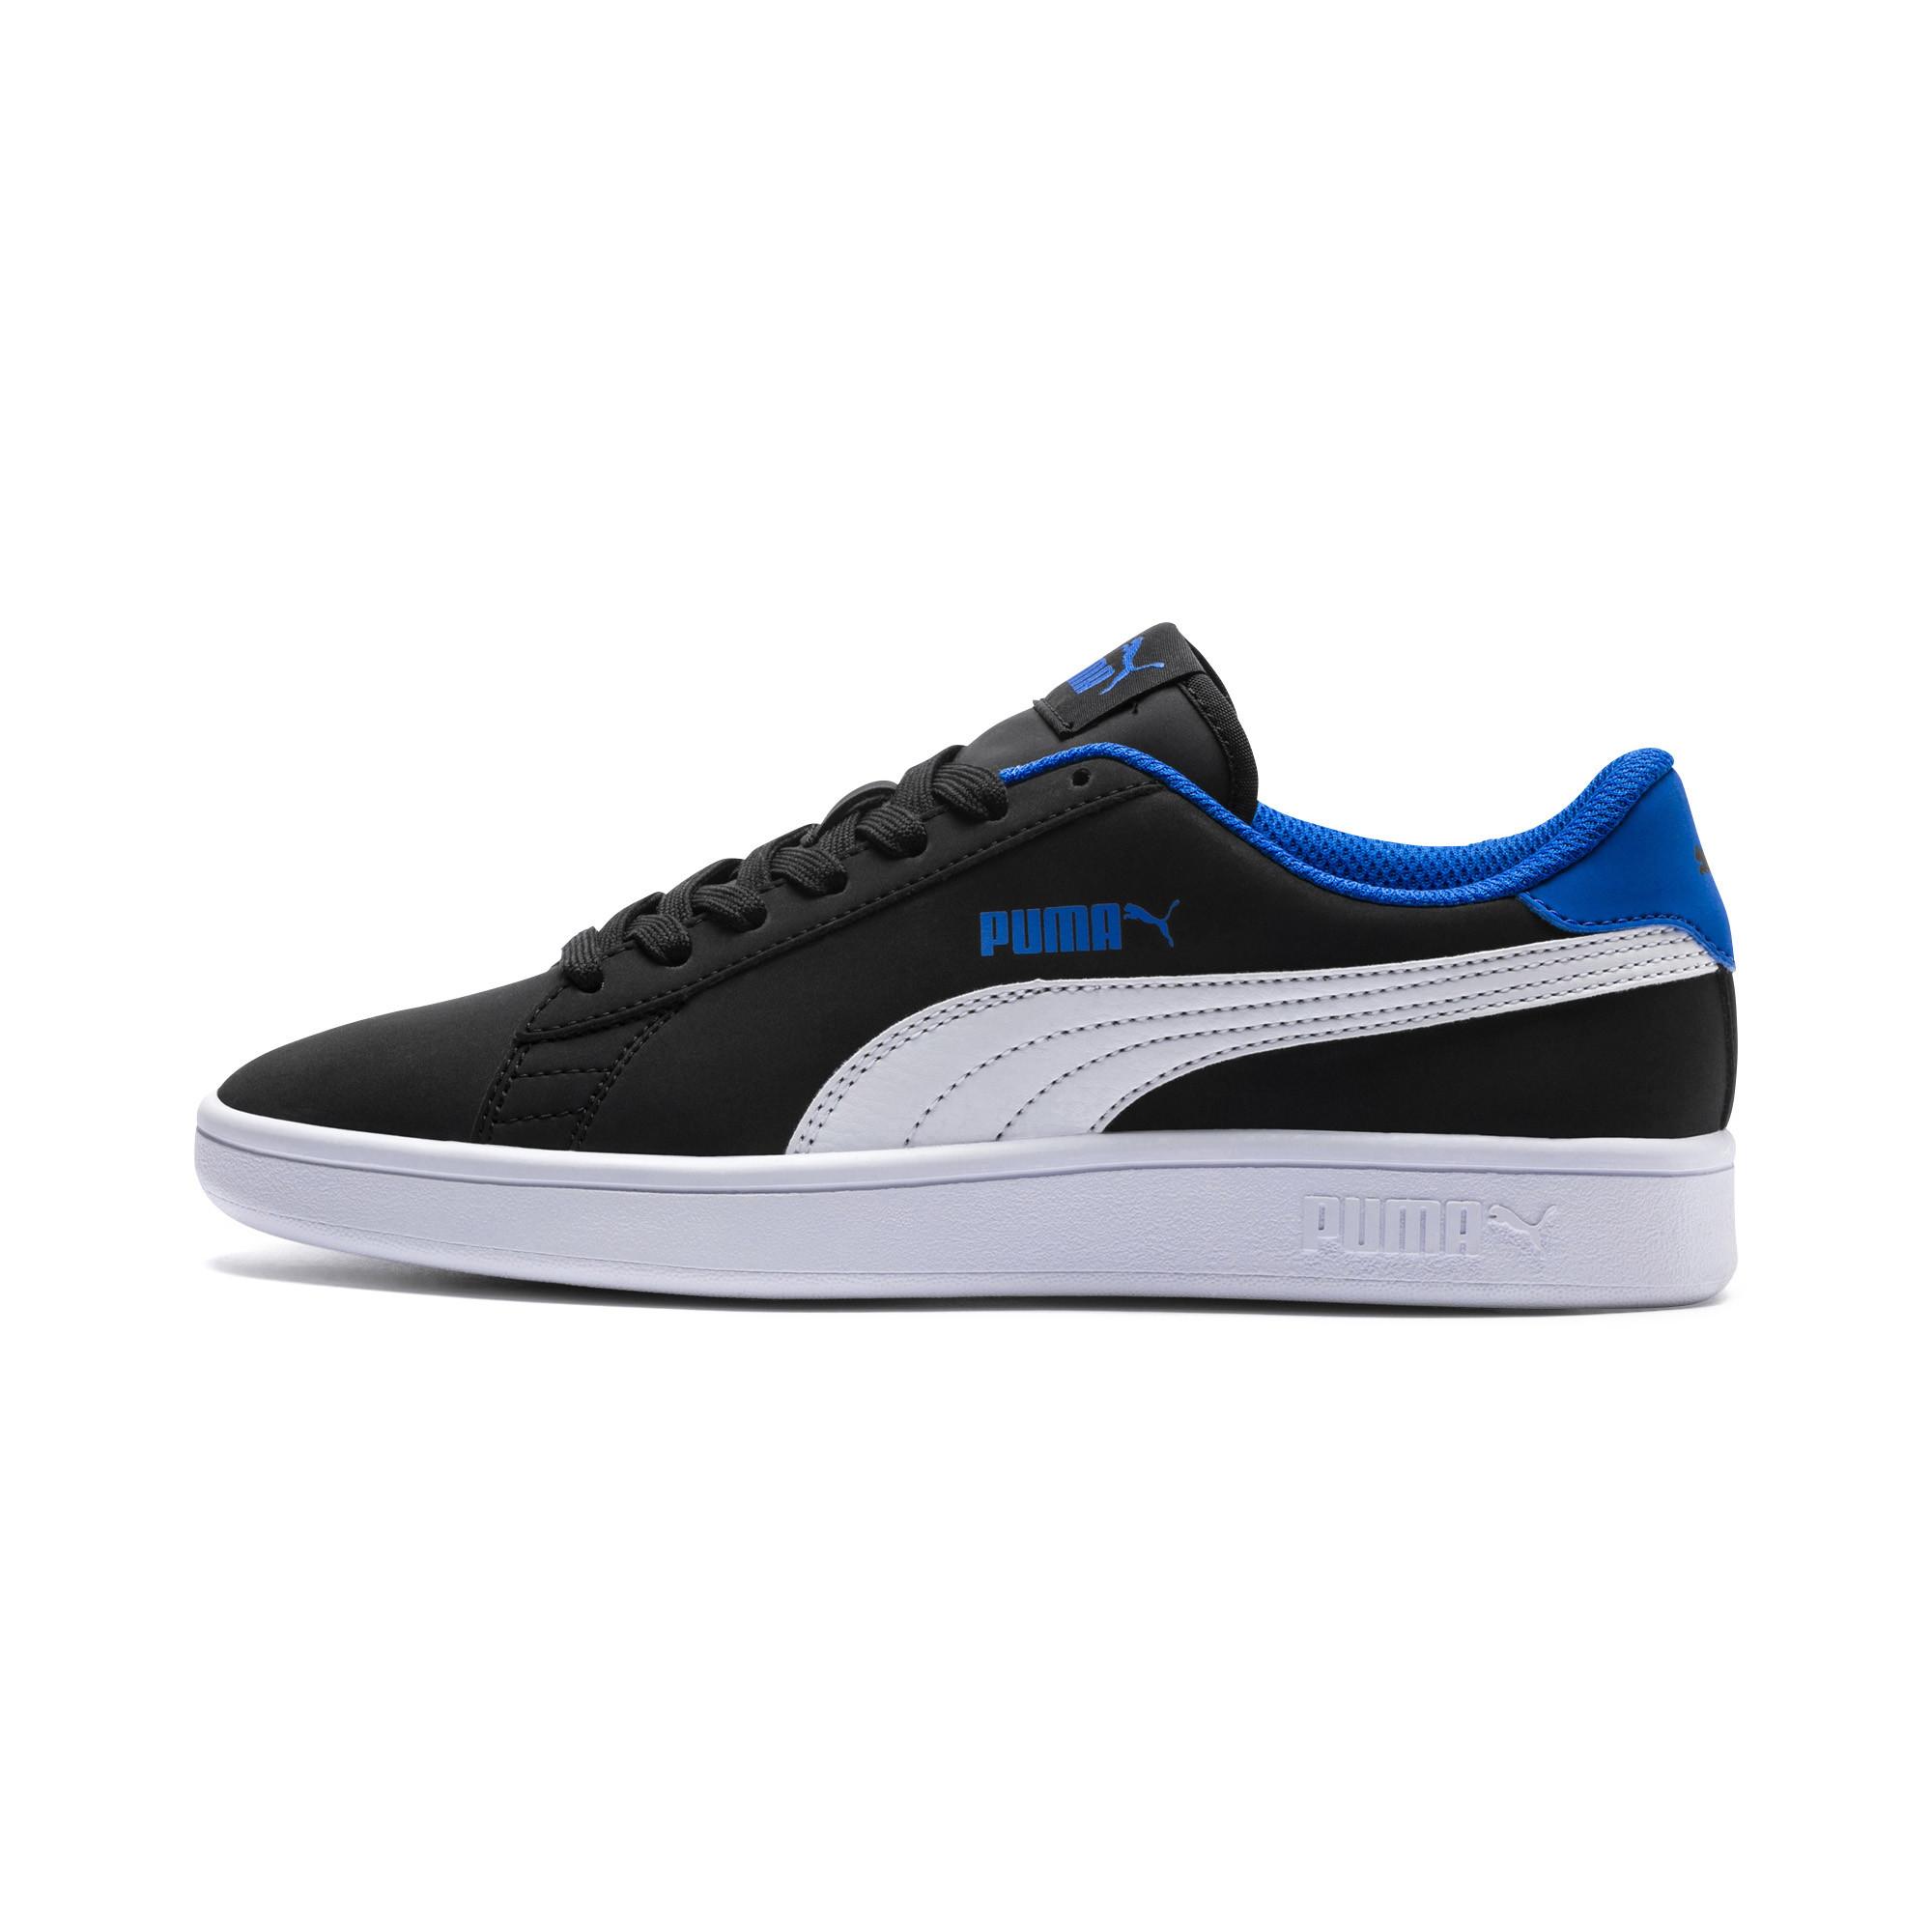 Puma Smash v2 Buck JR Sneakers: $24 AC + Free Shipping